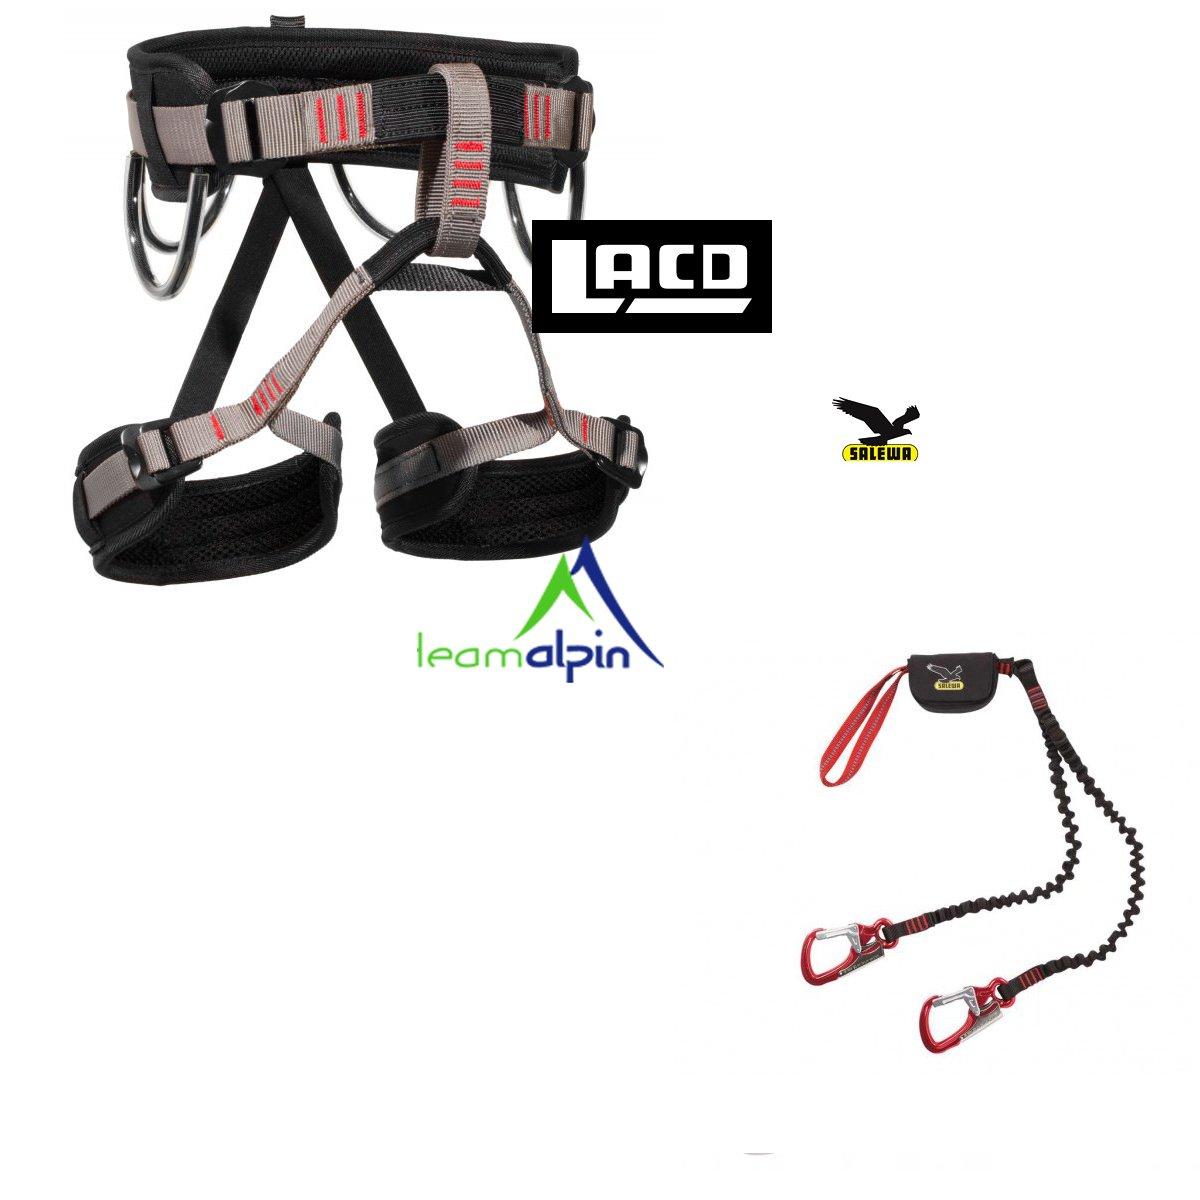 Juego de escalada Salewa Premium Attac + LACD correa Start LACD/Salewa